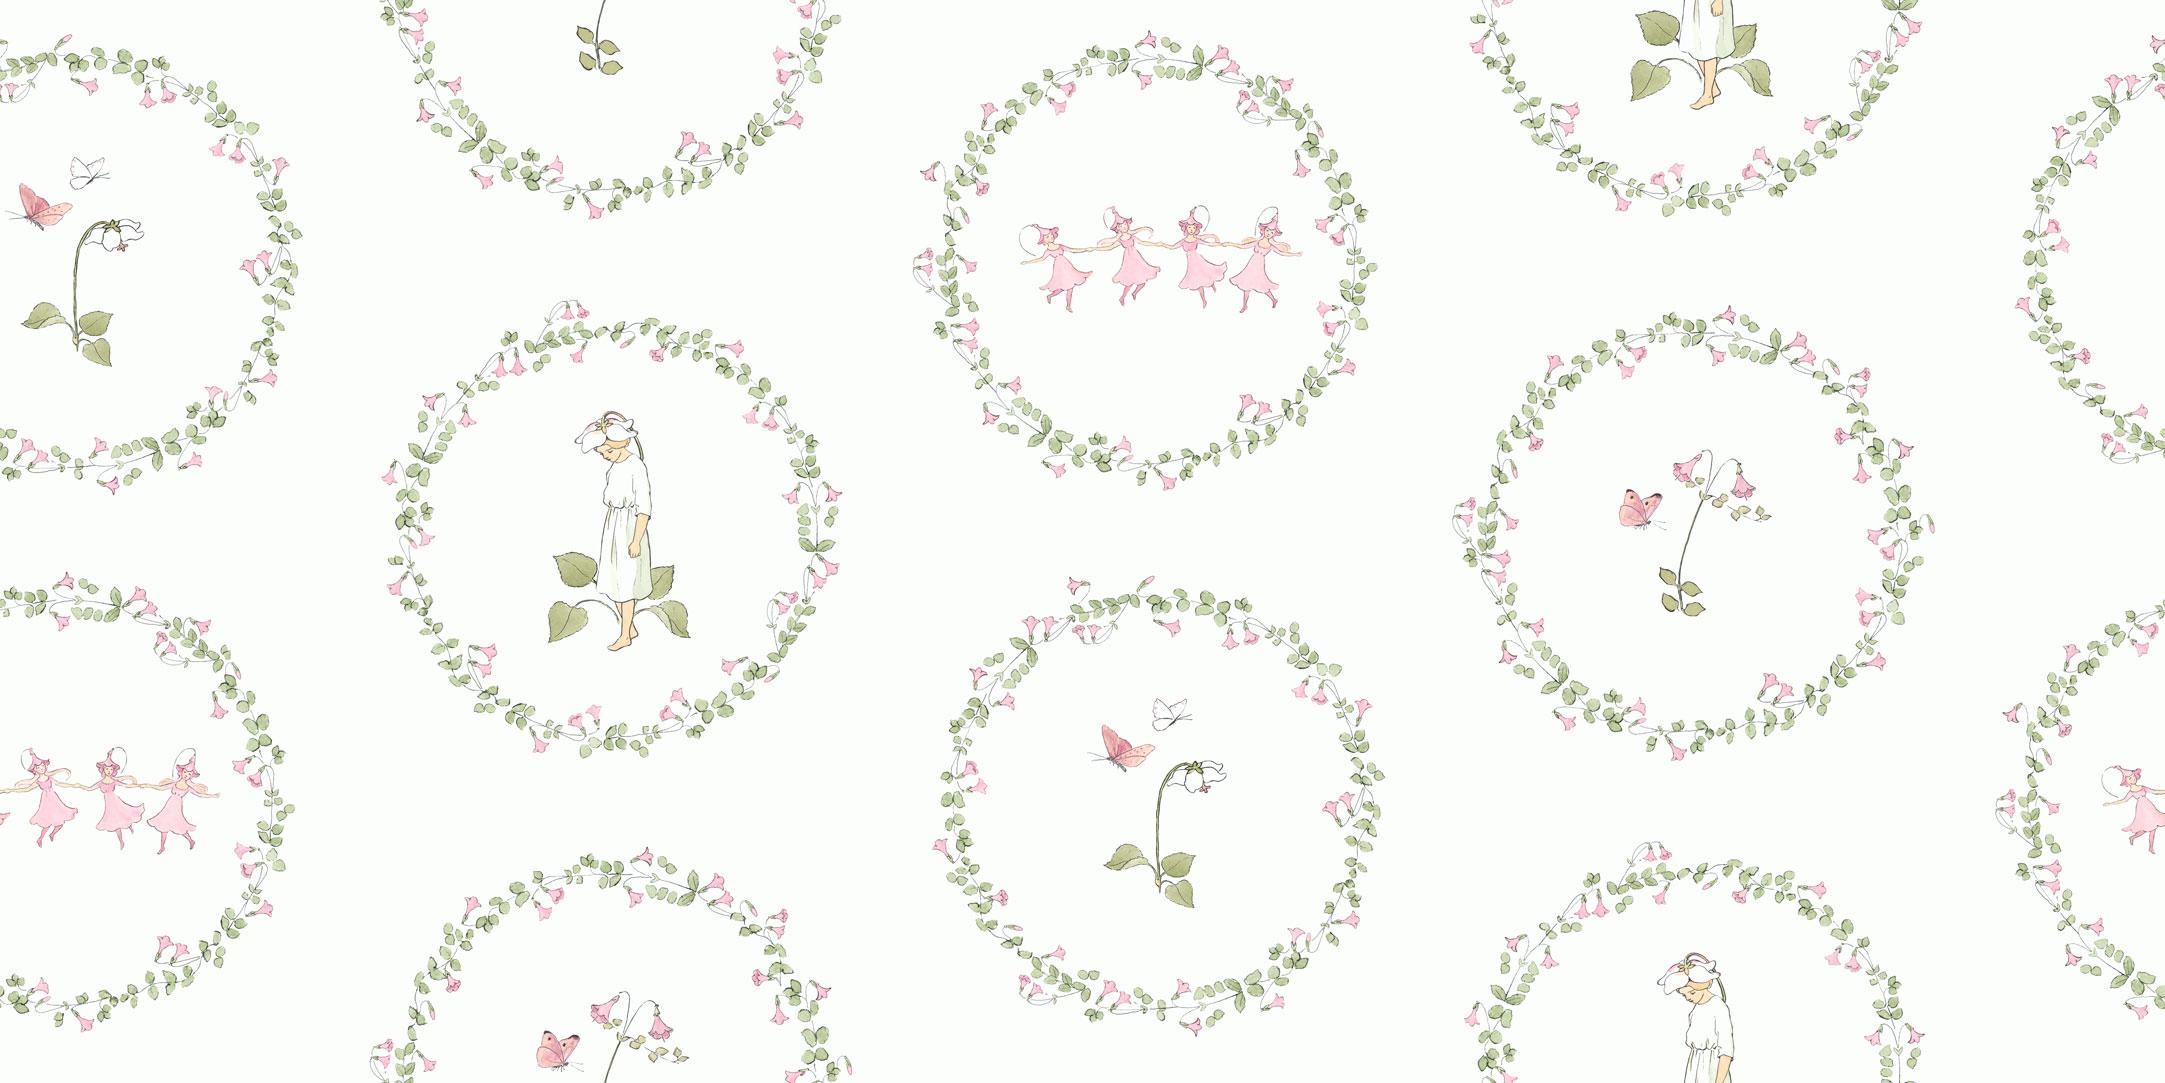 Обои для детской комнаты с милым рисунком цветочных детей купить с доставкой на дом